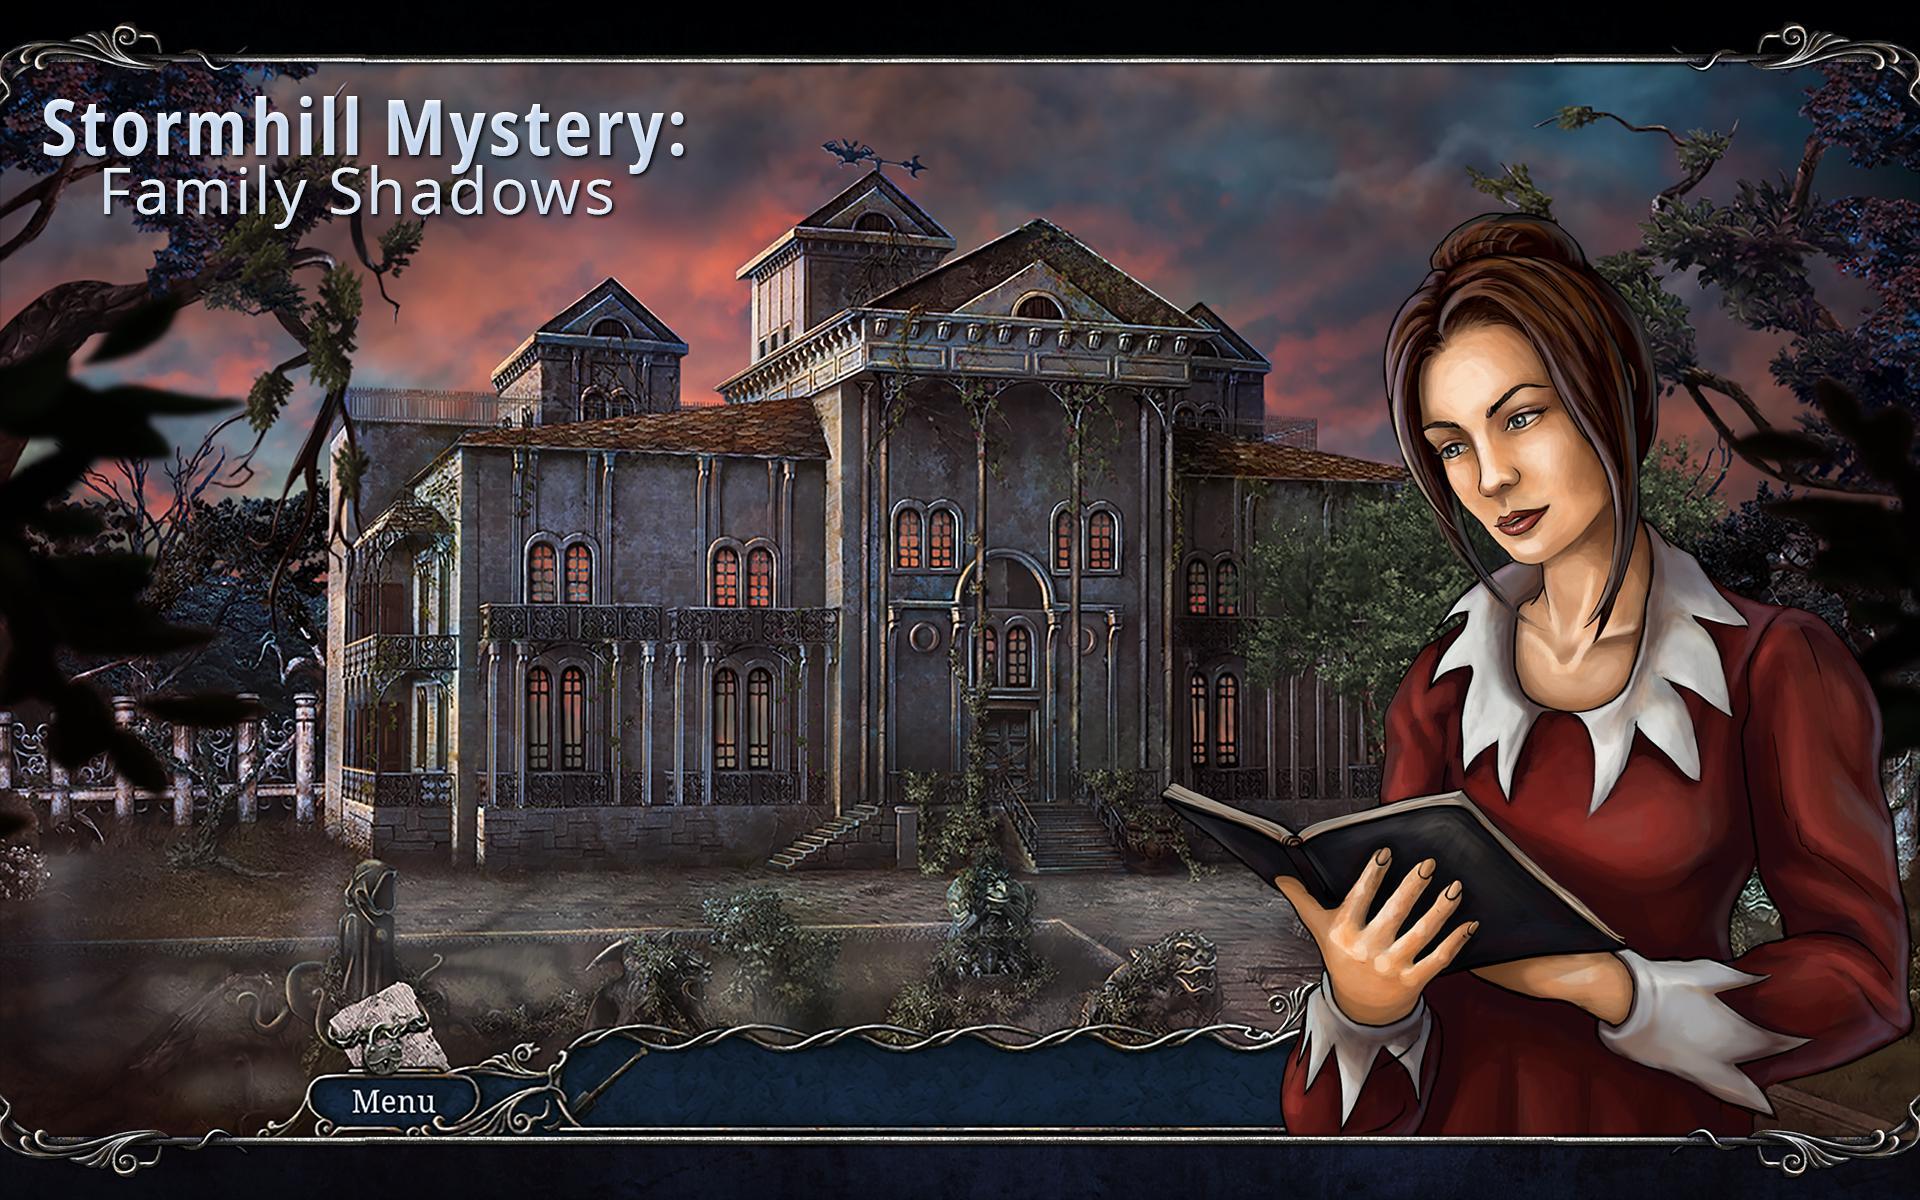 Stormhill Mystery: Family Shadows 1.1 Screenshot 14